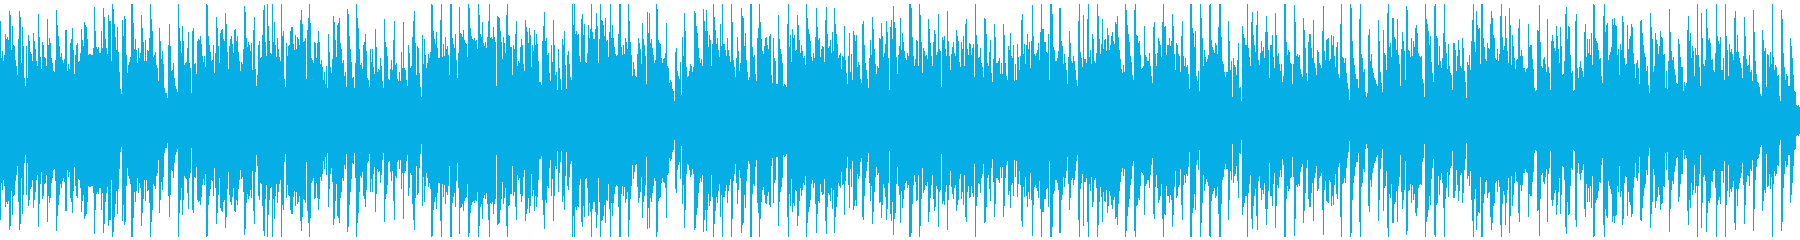 ノリノリで明るいクラブジャズ ※ループ版の再生済みの波形